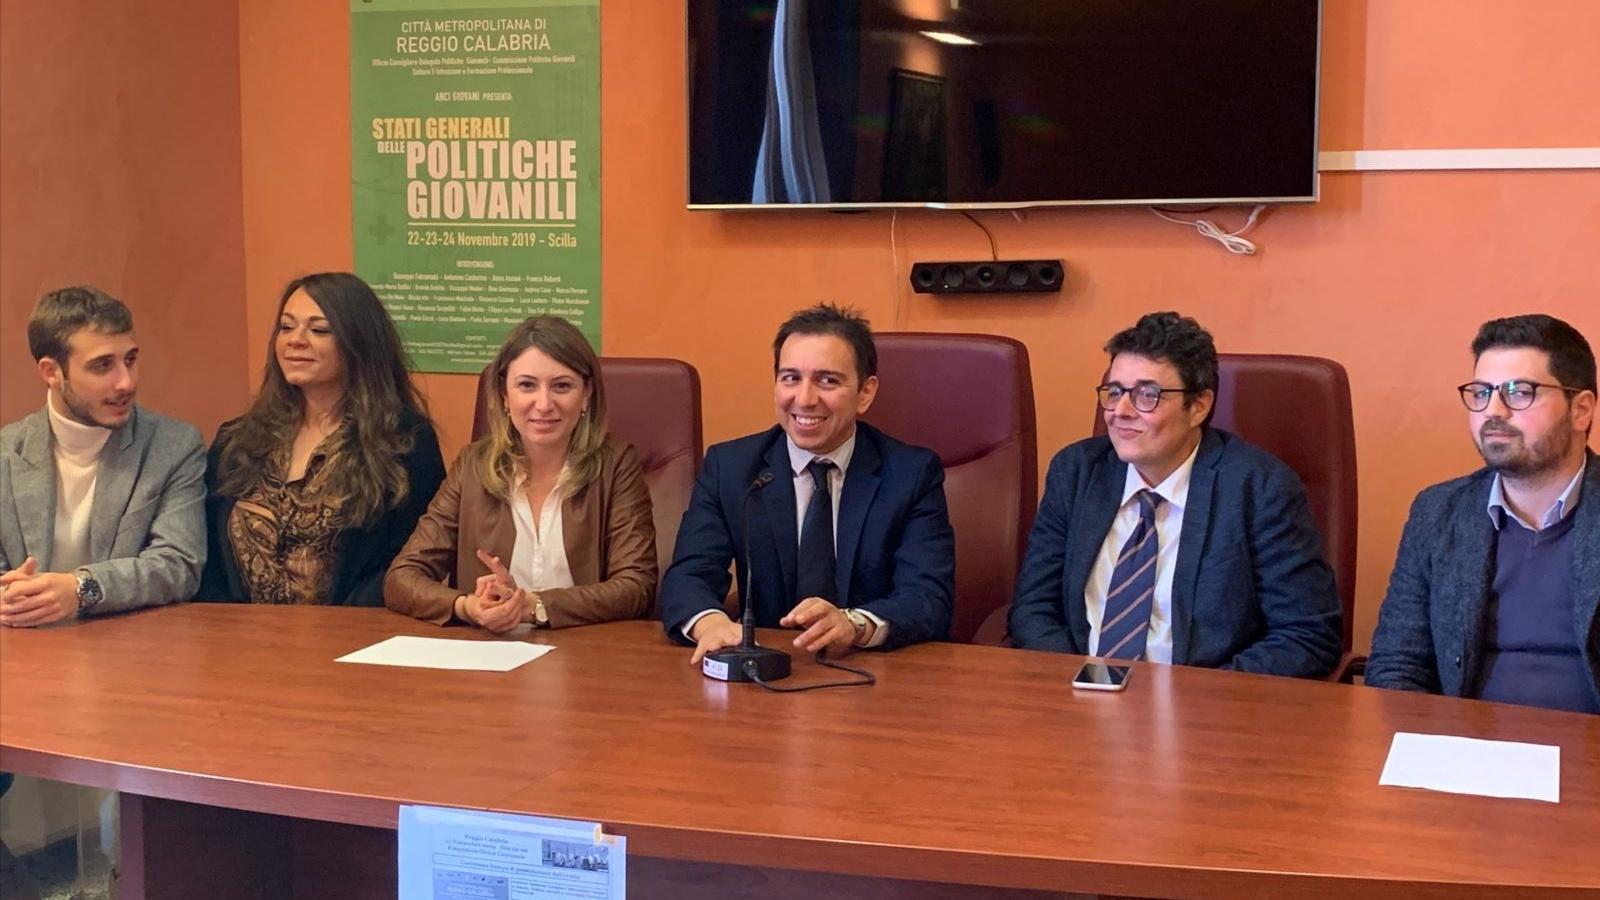 Reggio Calabria - Presentati gli 'Stati generali delle Politiche Giovanili' della Città Metropolitana - Strill.it